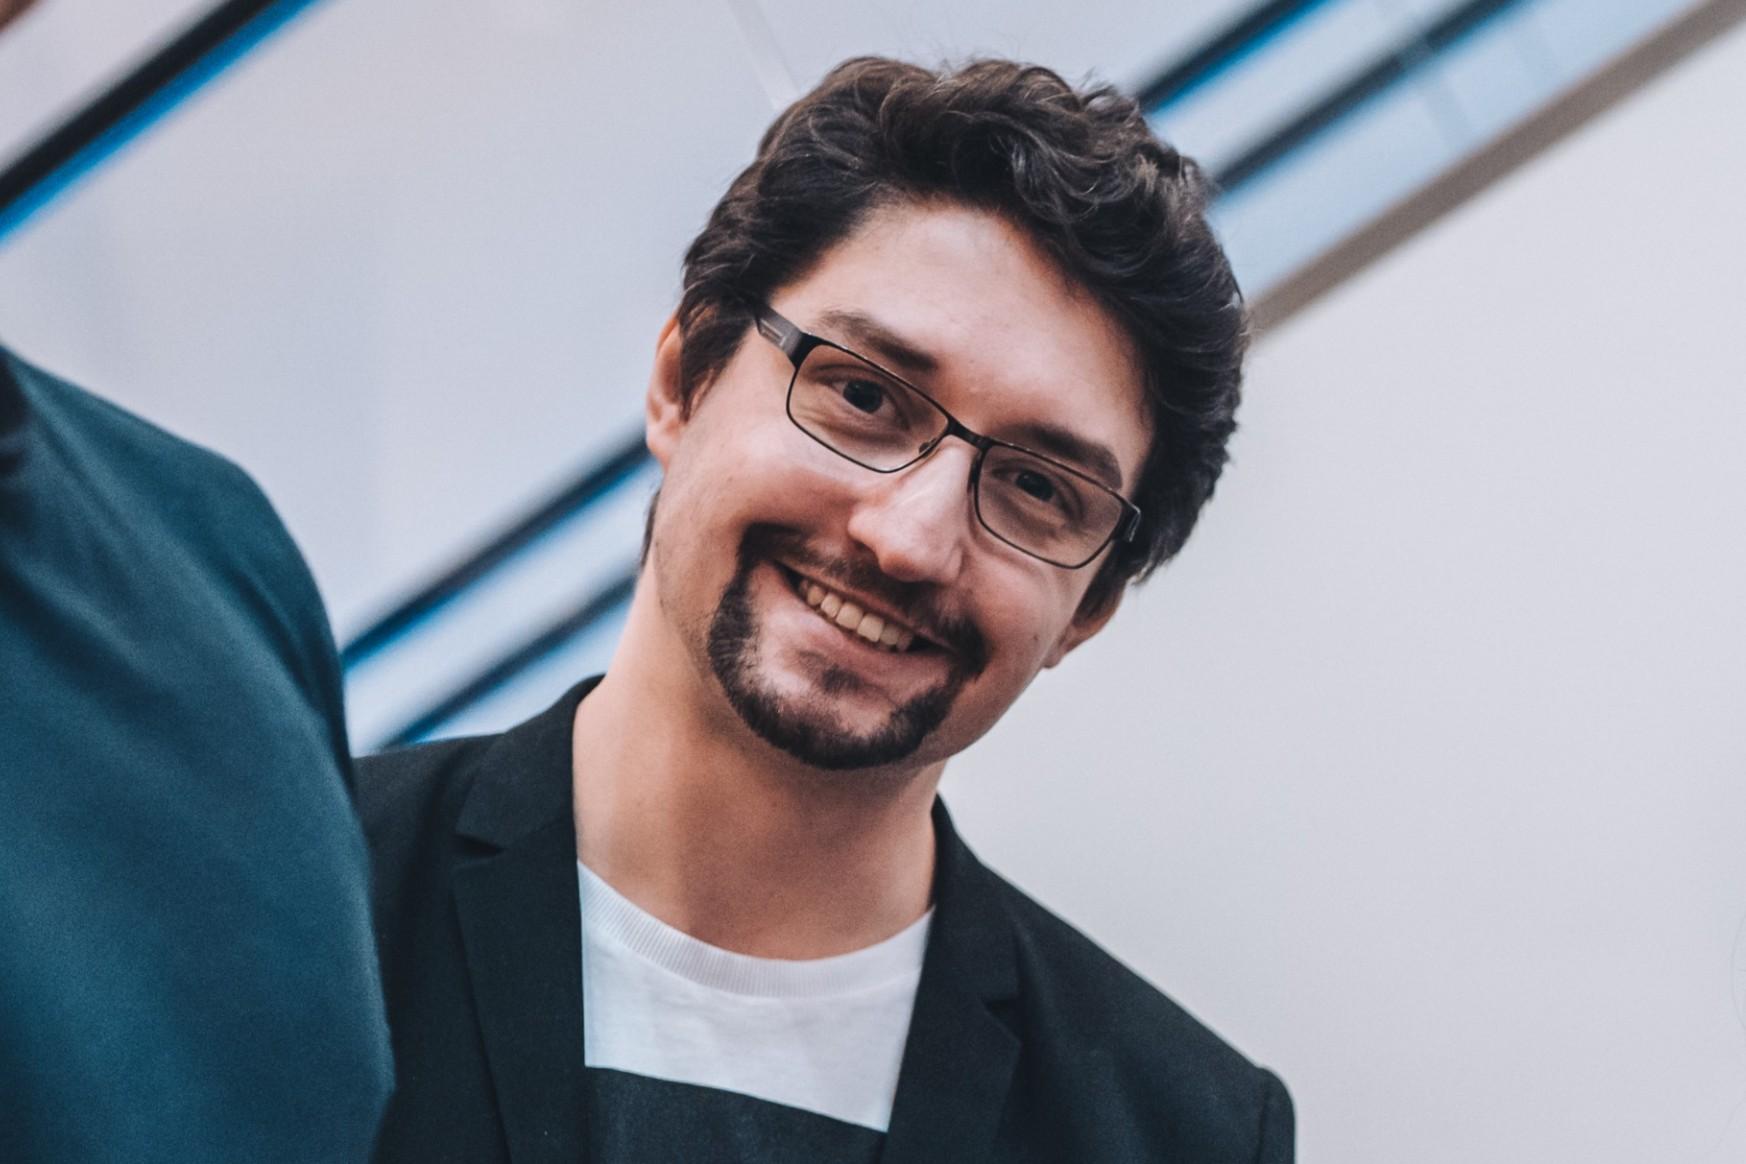 Nanovery founder Jerzy Kozyra